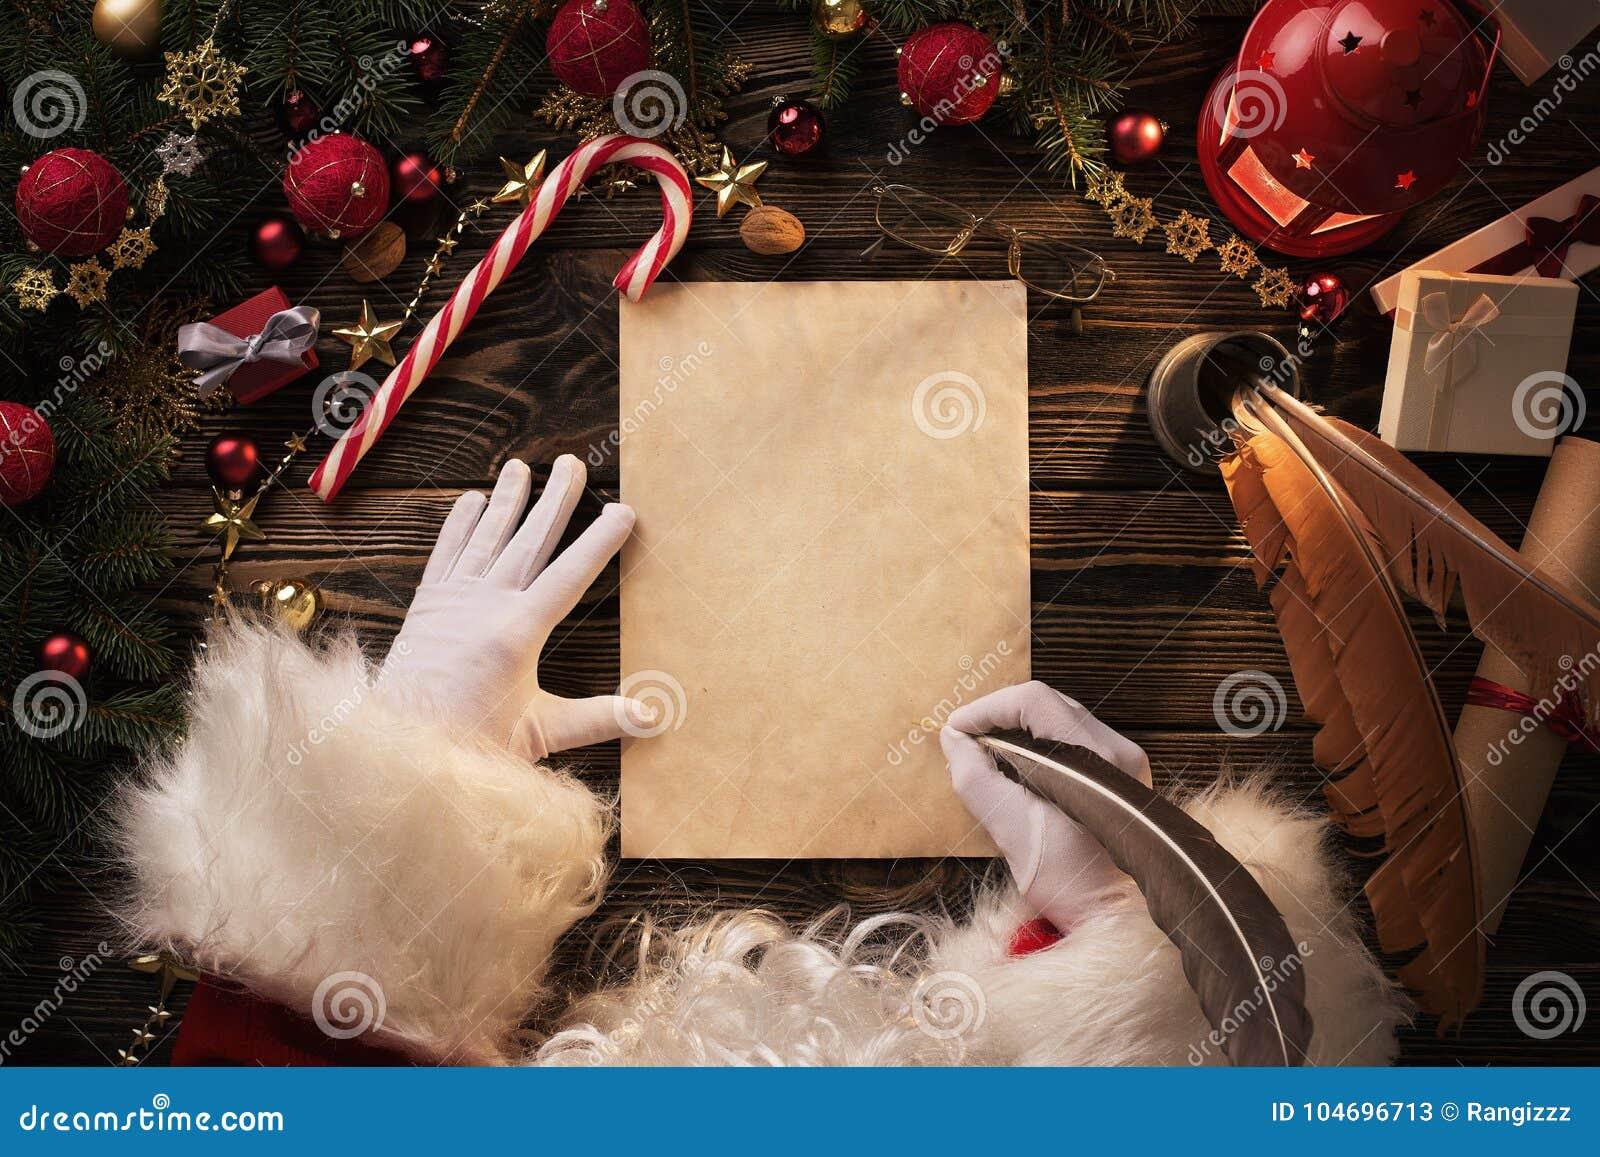 Christmas Decoration Wooden Letters Decoration Desktop Santa Clause Ornament